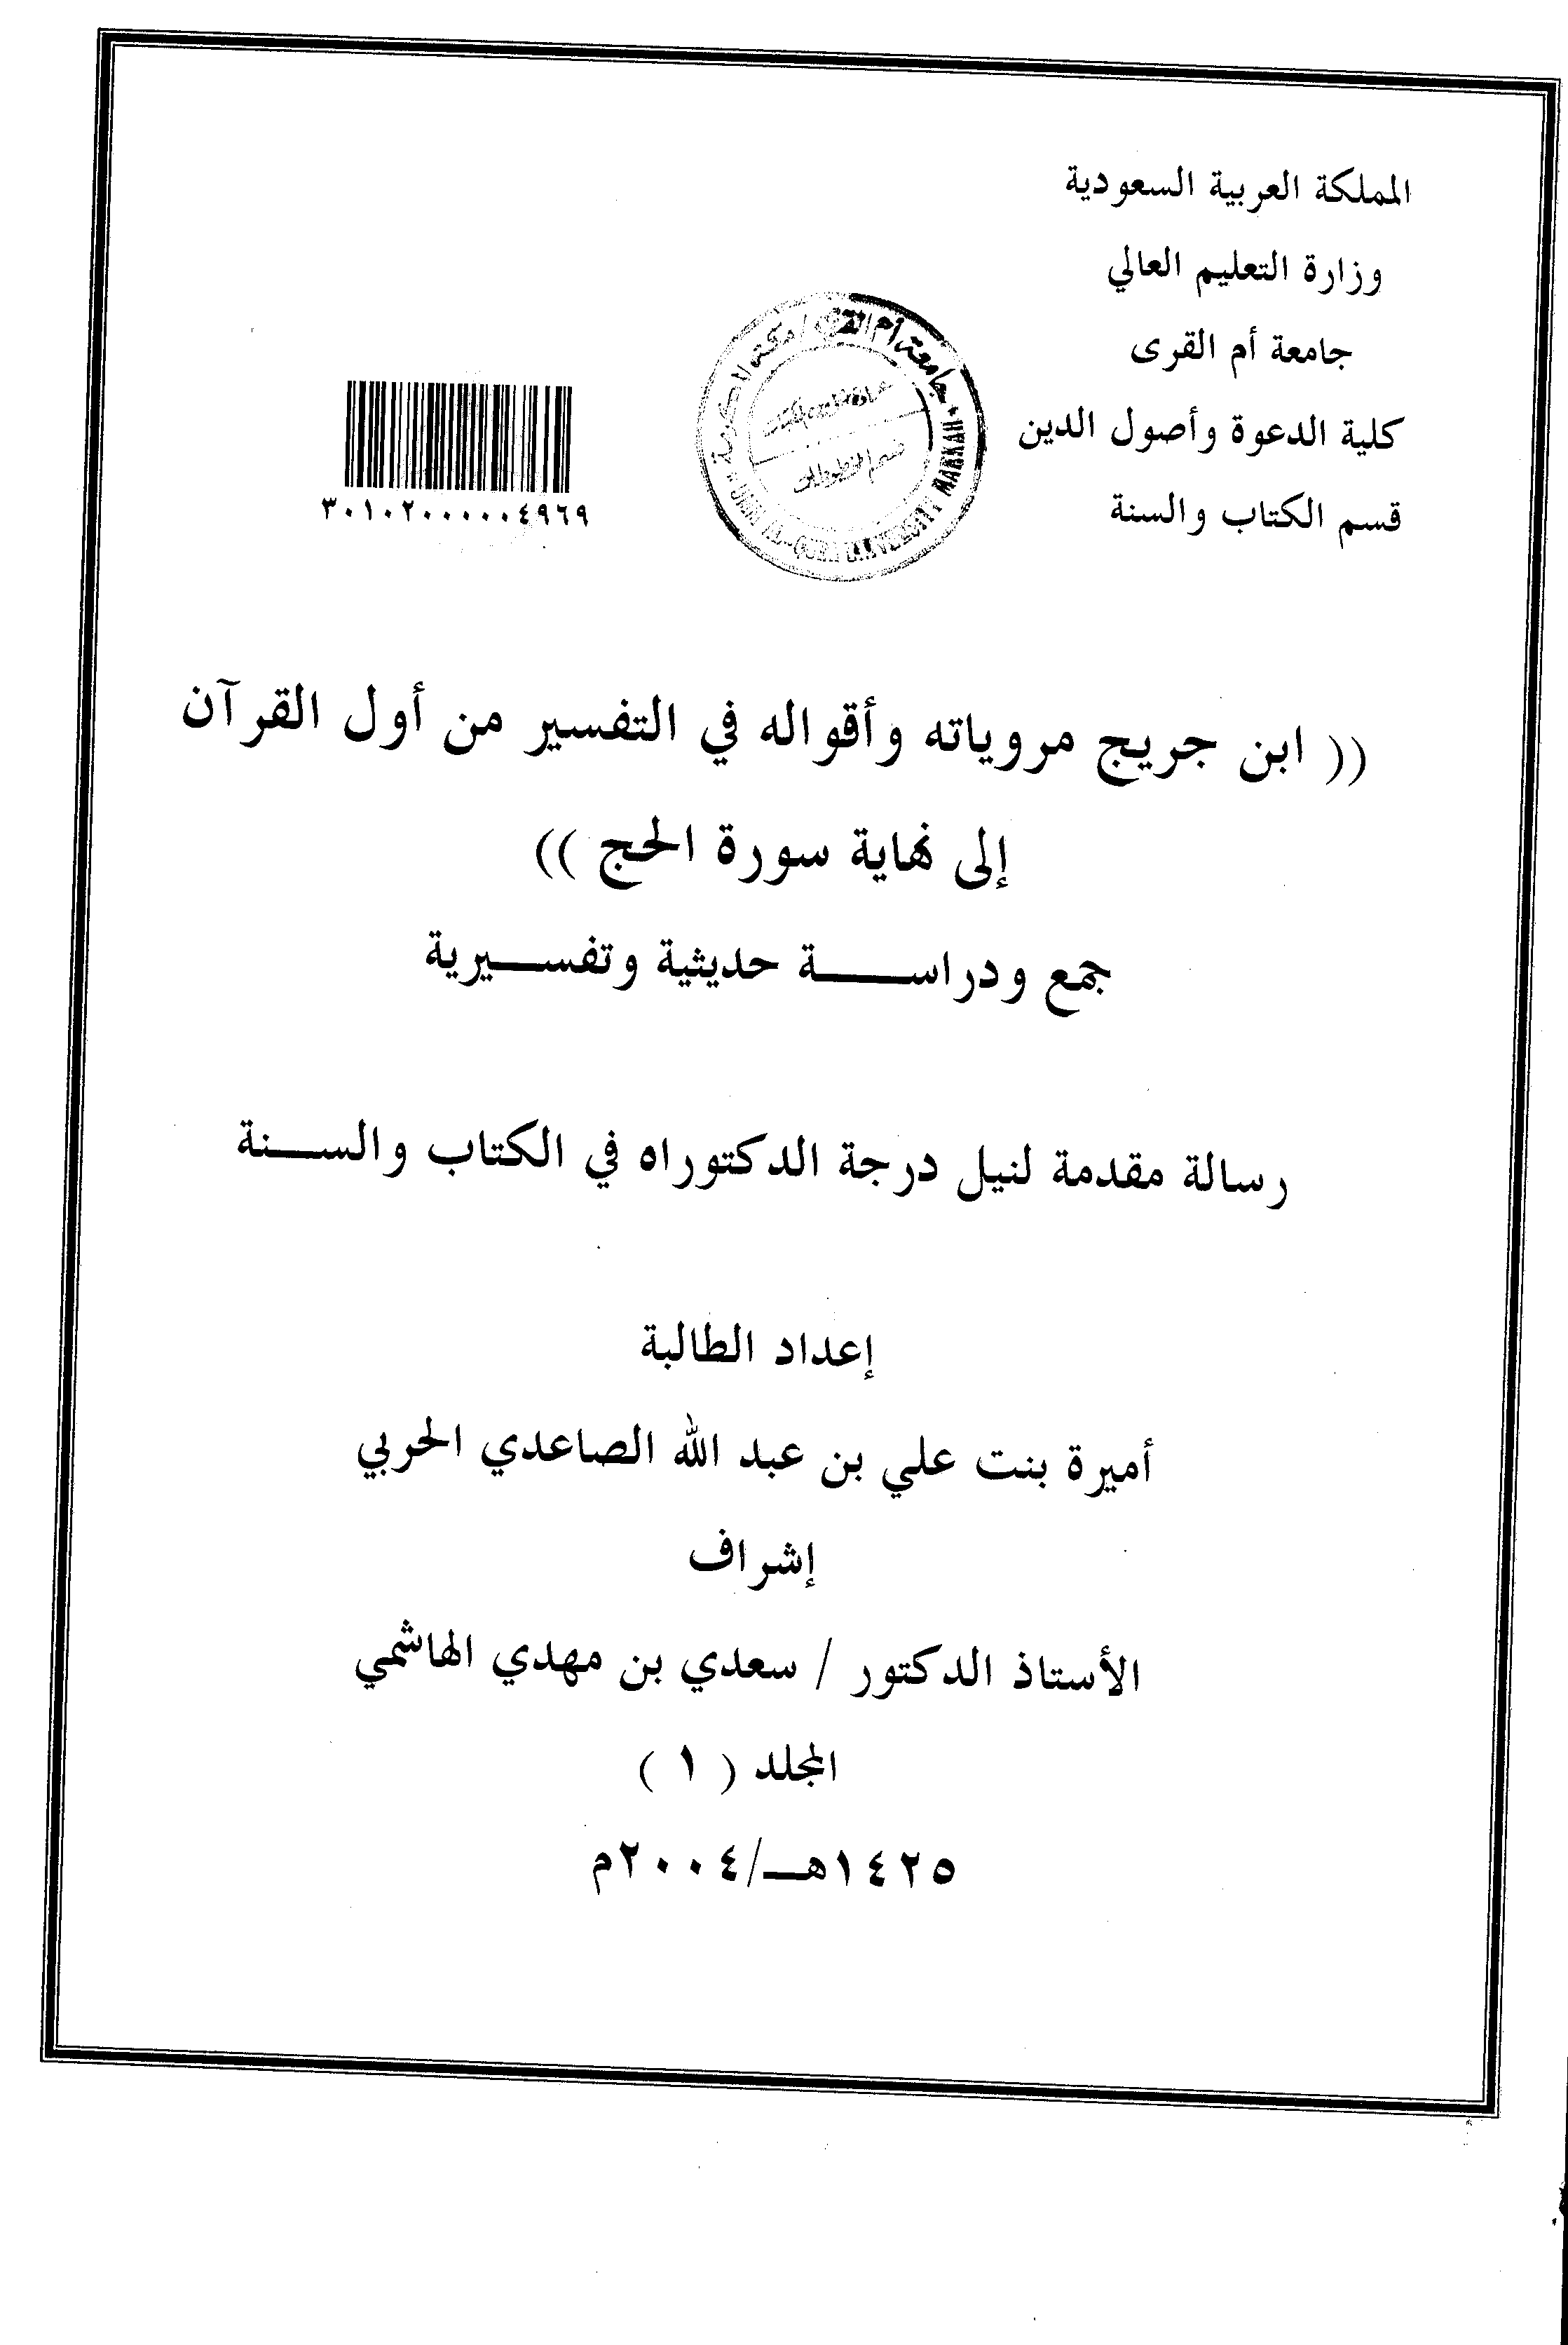 تحميل كتاب ابن جريج مروياته وأقواله في التفسير من أول القرآن إلى نهاية سورة الحج لـِ: أميرة بنت علي الصاعدي الحربي